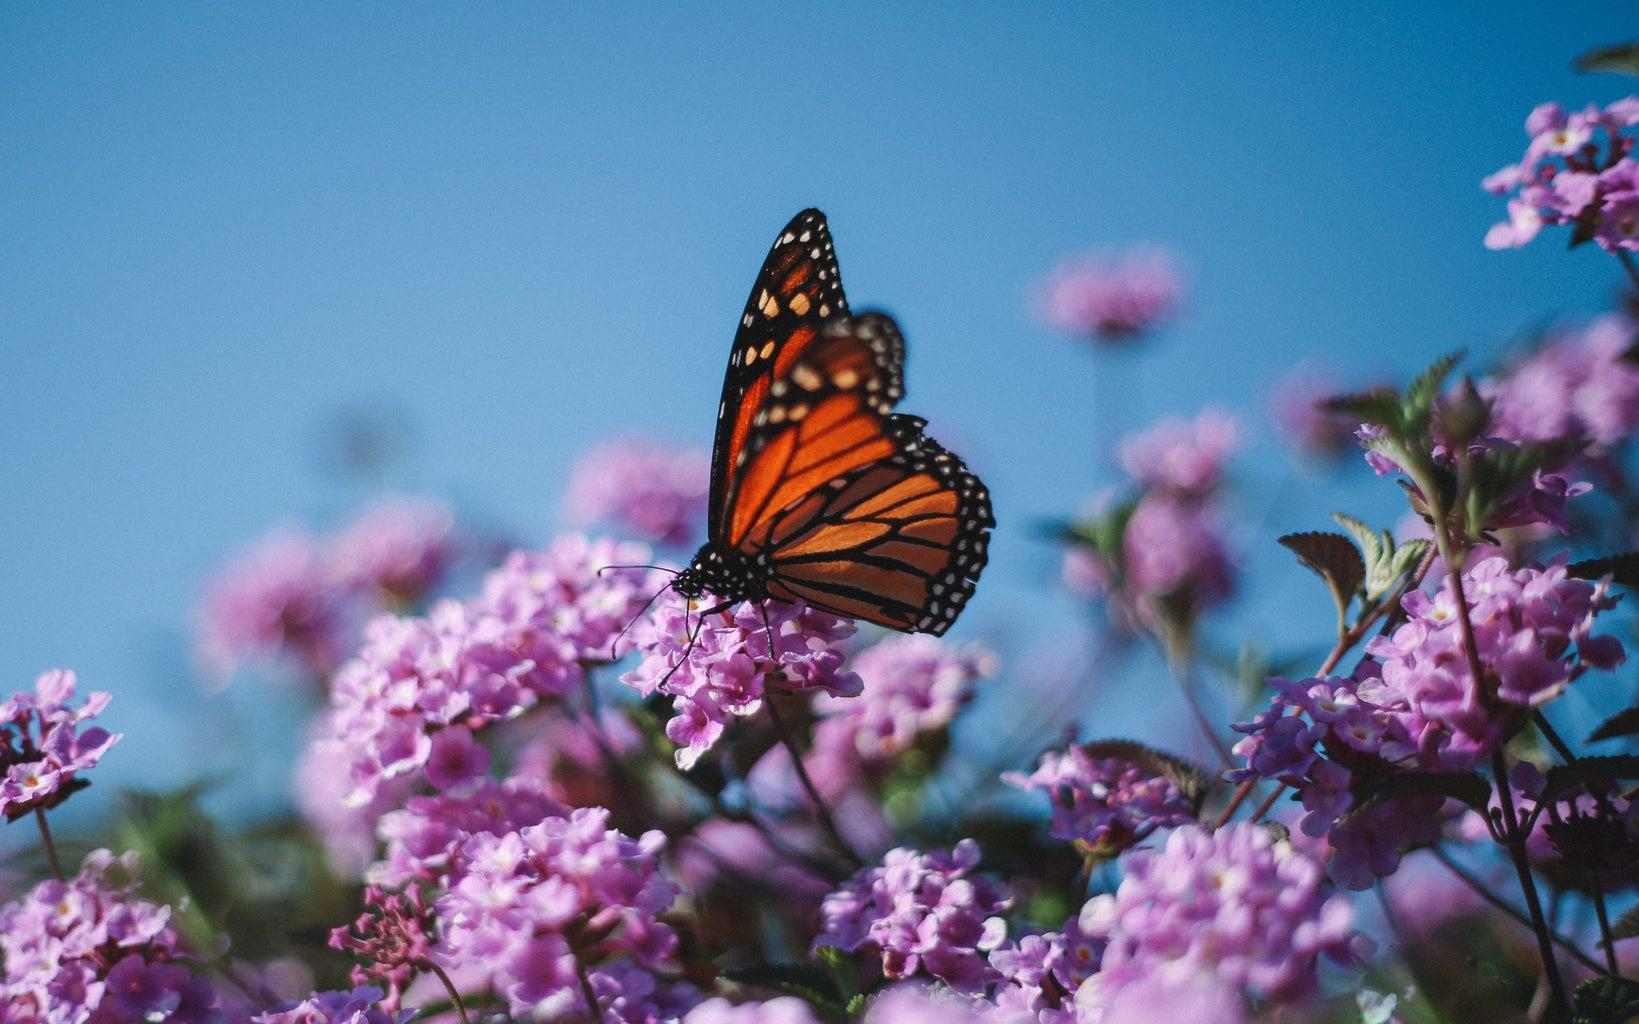 Monarch butterfly resting on purple flower